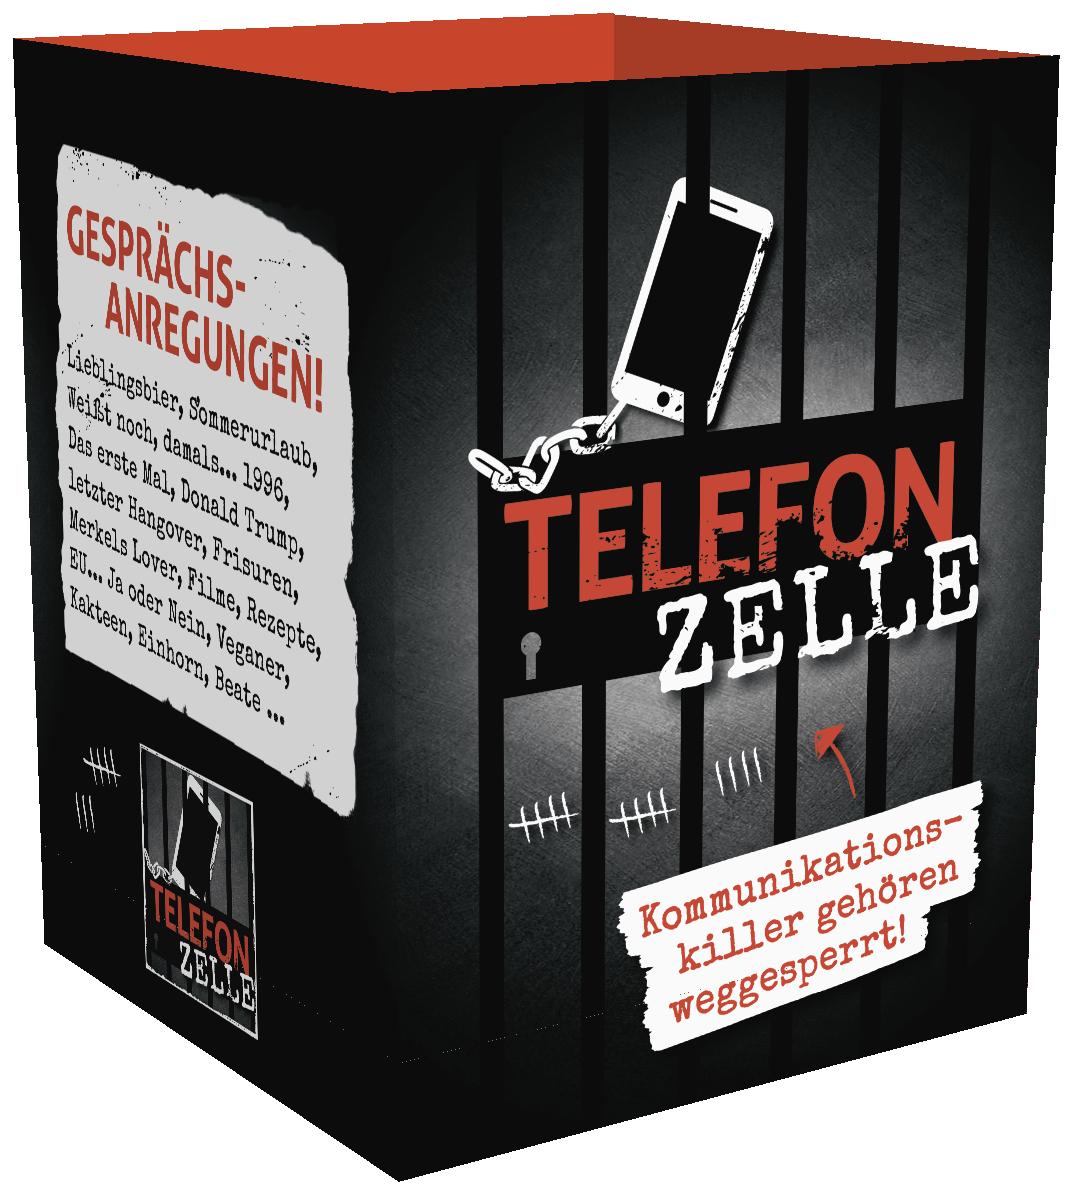 TelefonZelle – Für alle Handysüchtigen.